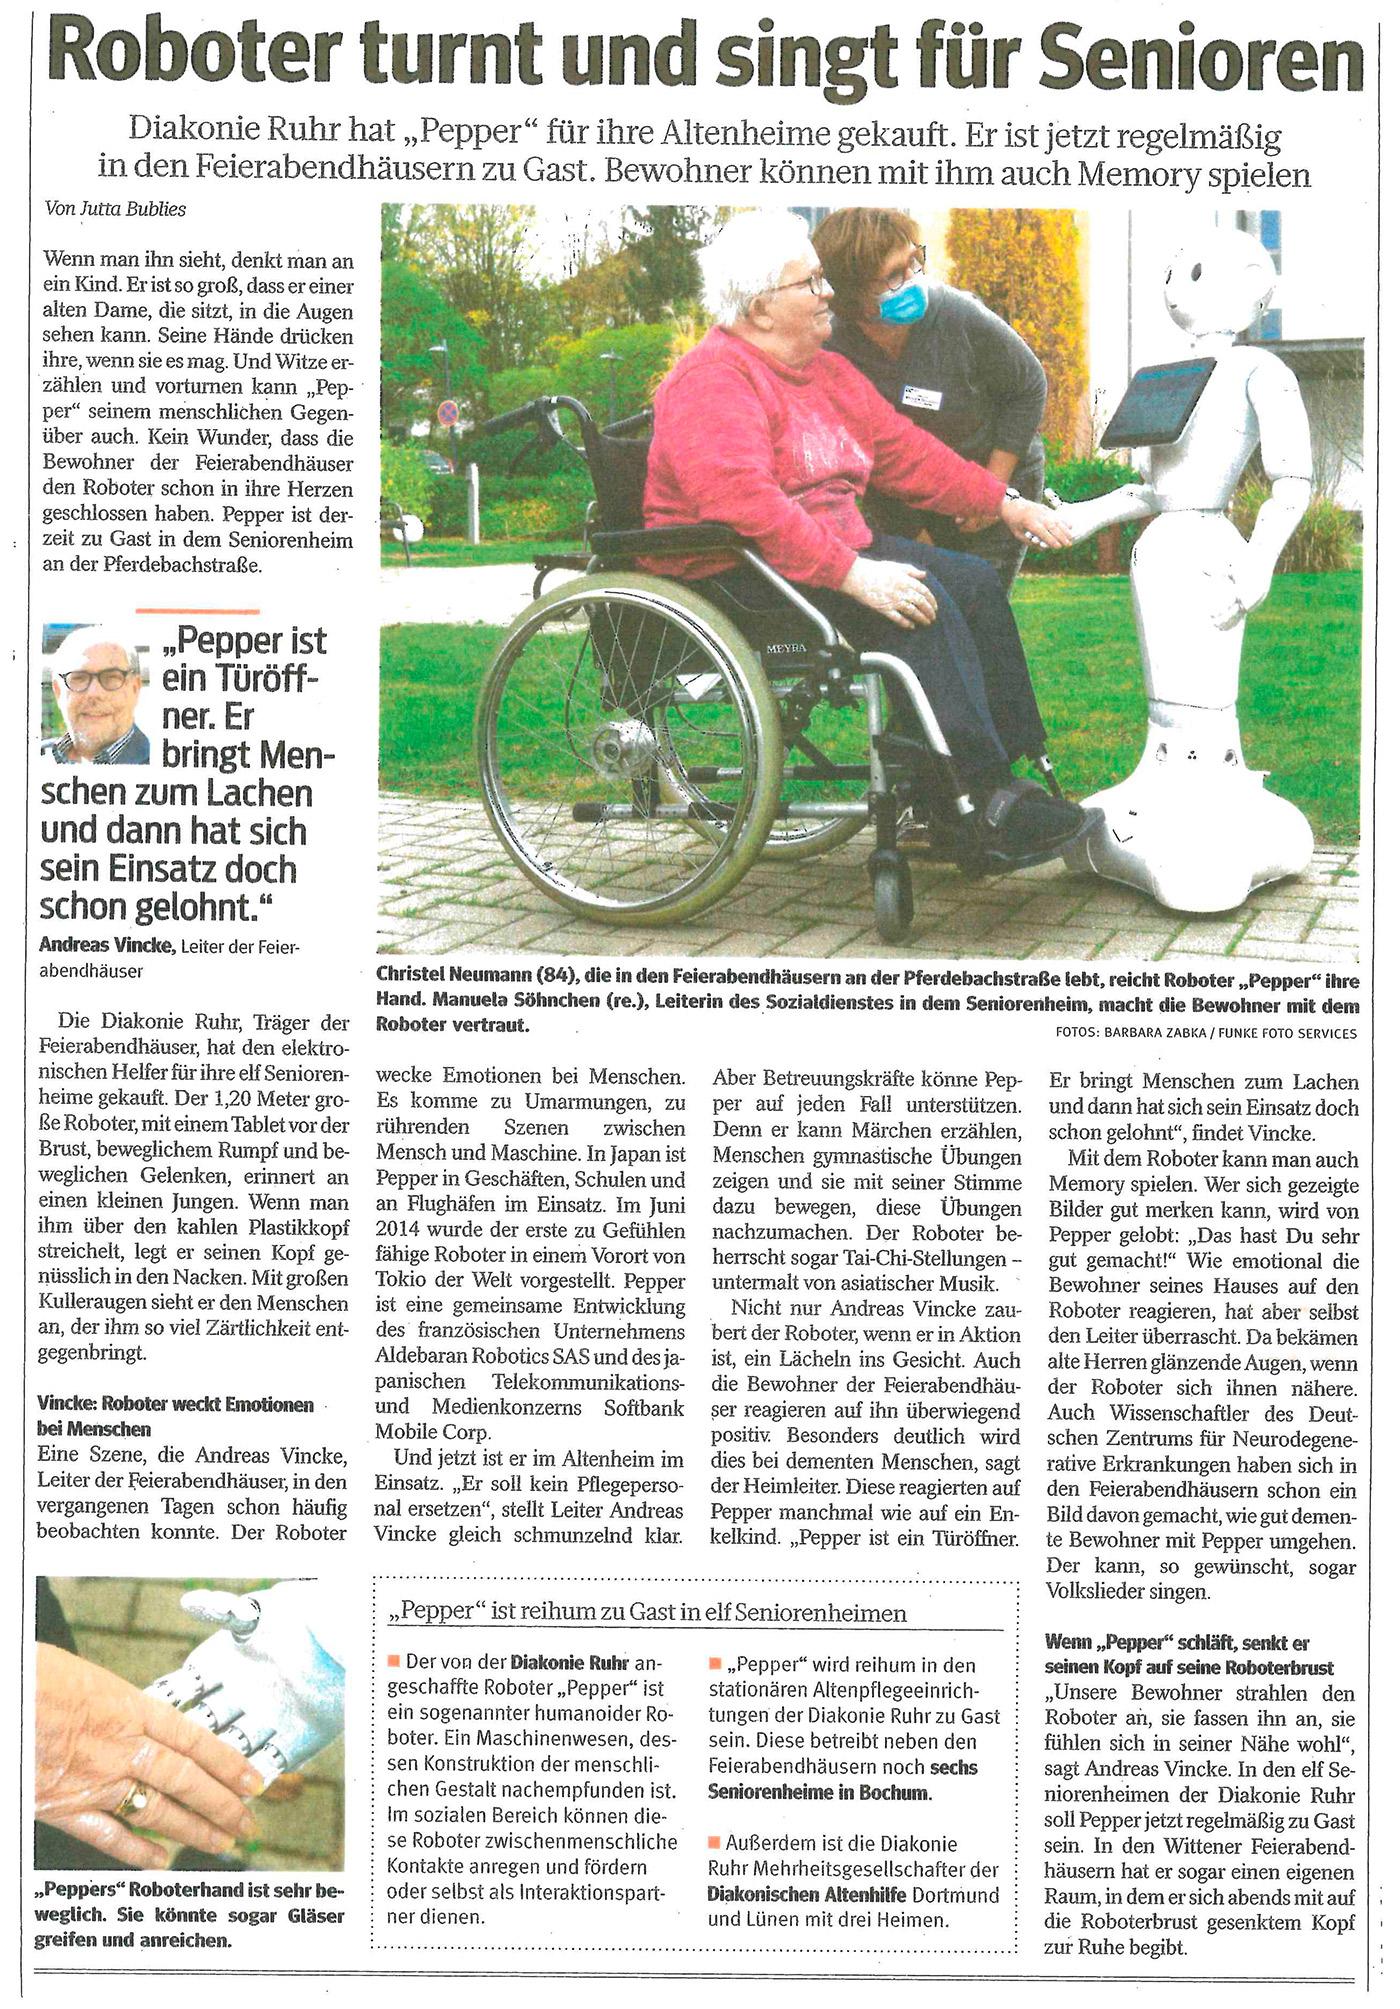 Robotor turnt und singt für Senioren WAZ_18.11.2020